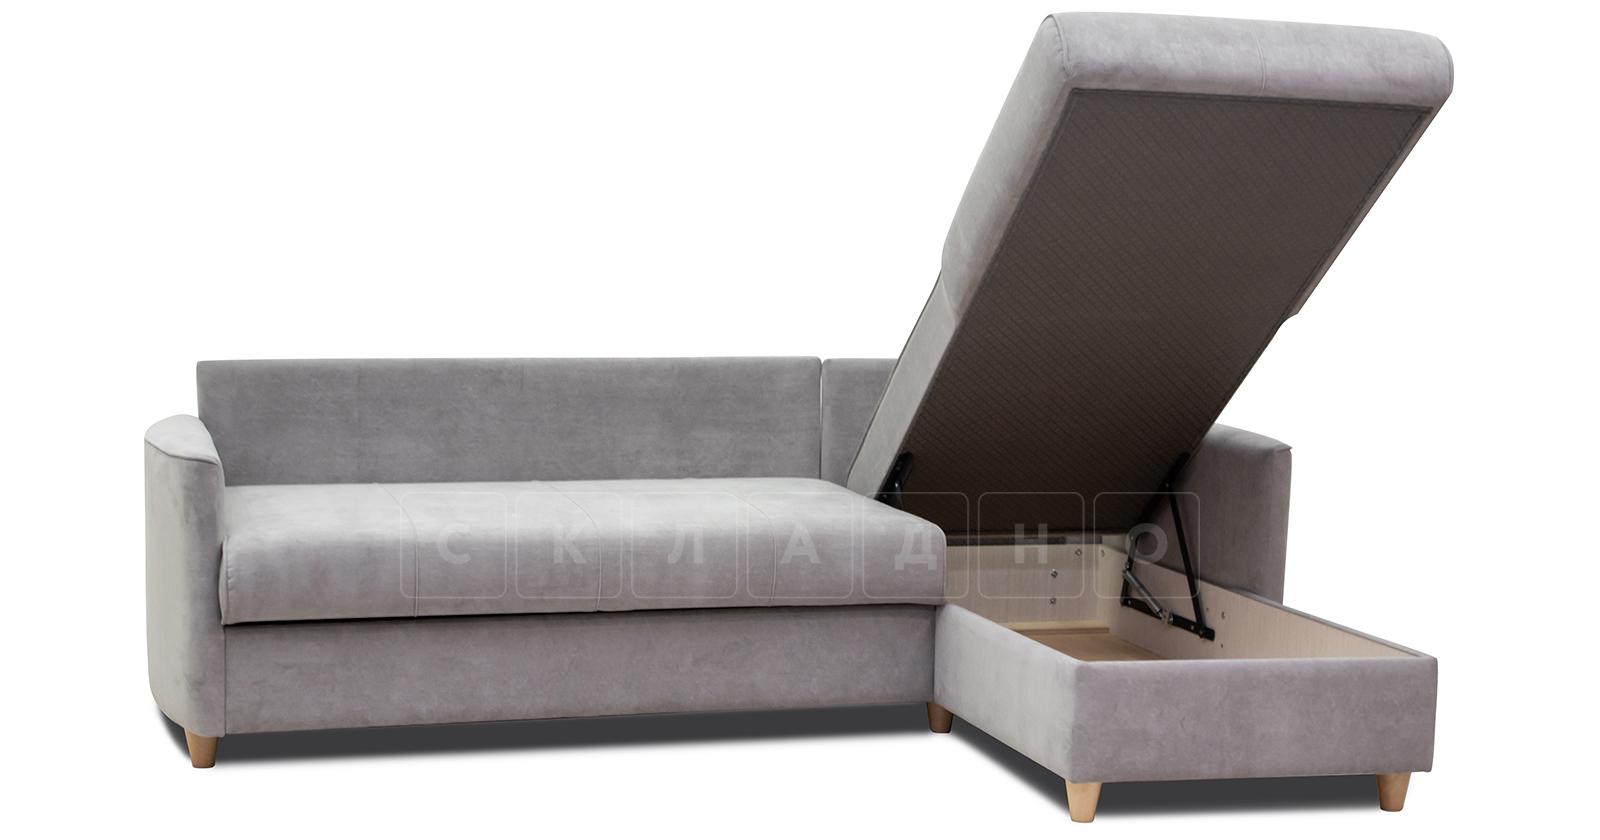 Угловой диван Лорен серебристый серый фото 7 | интернет-магазин Складно